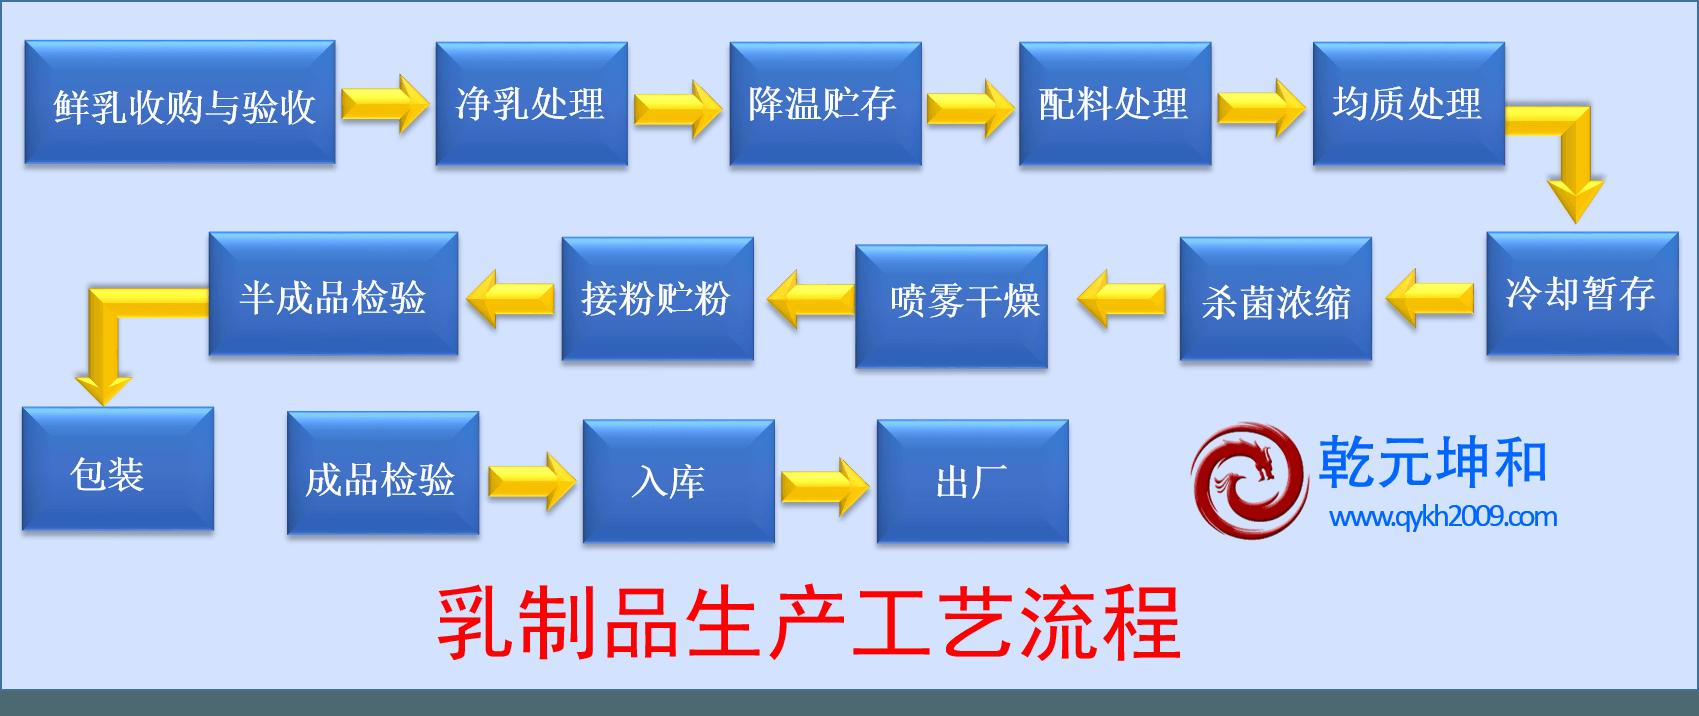 乳制品生产工艺流程